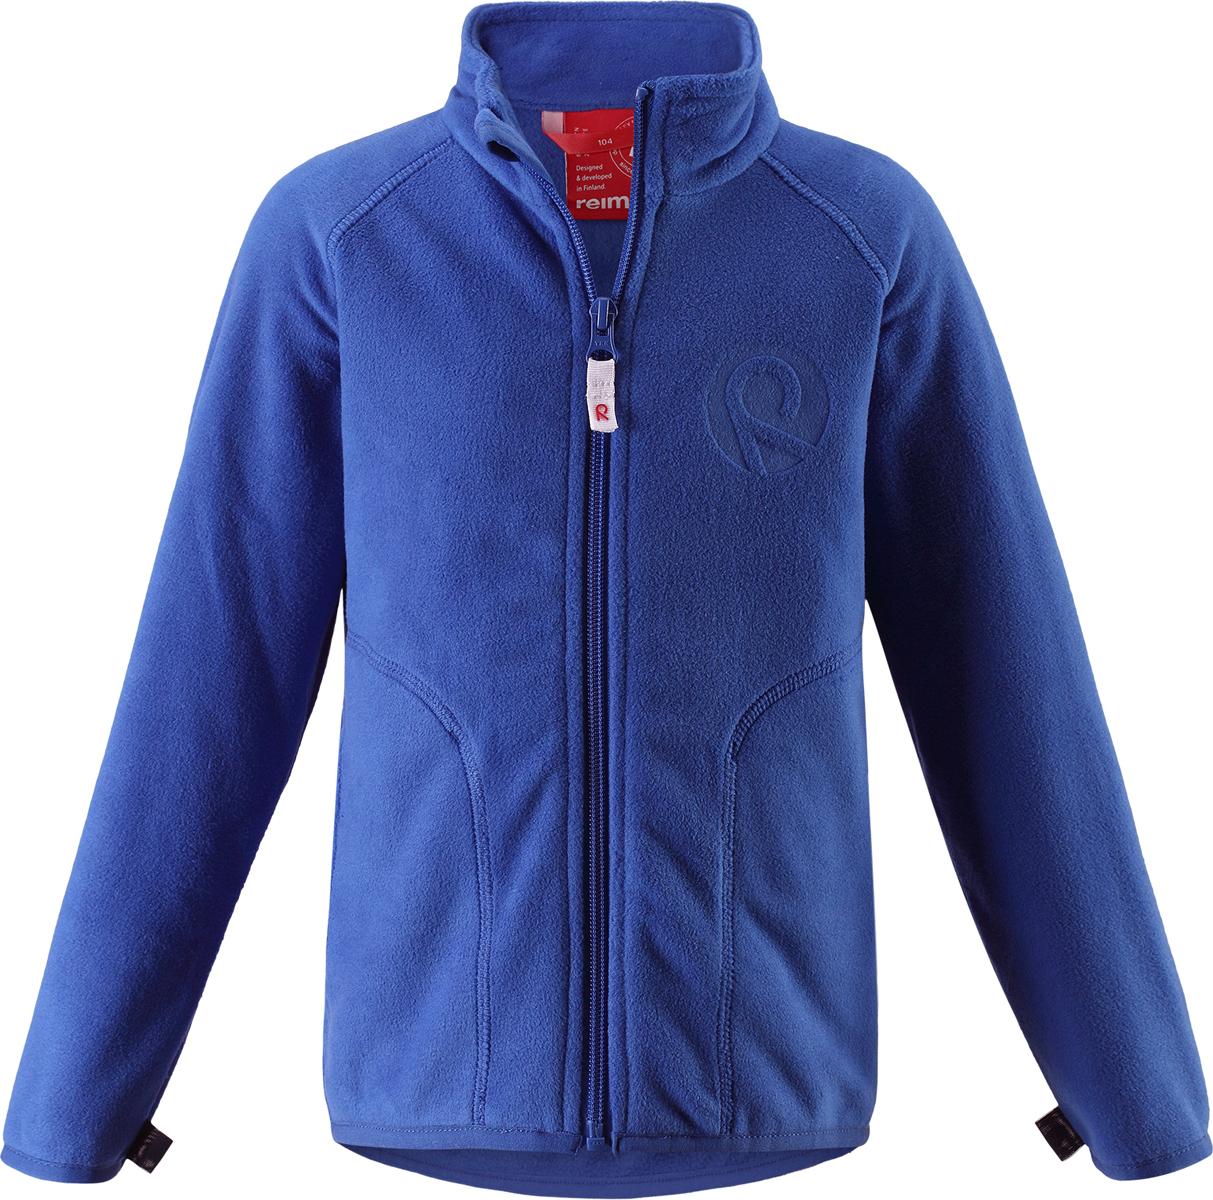 Толстовка флисовая детская Reima Inrun, цвет: синий. 5262506530. Размер 1285262506530Детская флисовая толстовка Reima на прохладный день. Можно использовать как верхнюю одежду в сухую погоду весной и осенью или поддевать в качестве промежуточного слоя в холода. Обратите внимание на удобную систему кнопок Play Layers, с помощью которой легко присоединить кофту к одежде из серии Reima Play Layers и обеспечить ребенку дополнительное тепло и комфорт. Высококачественный флис - это теплый, легкий и быстросохнущий материал, он идеально подходит для активных прогулок. Удлиненная спинка обеспечивает дополнительную защиту для поясницы, а молния во всю длину с защитой для подбородка облегчает надевание.